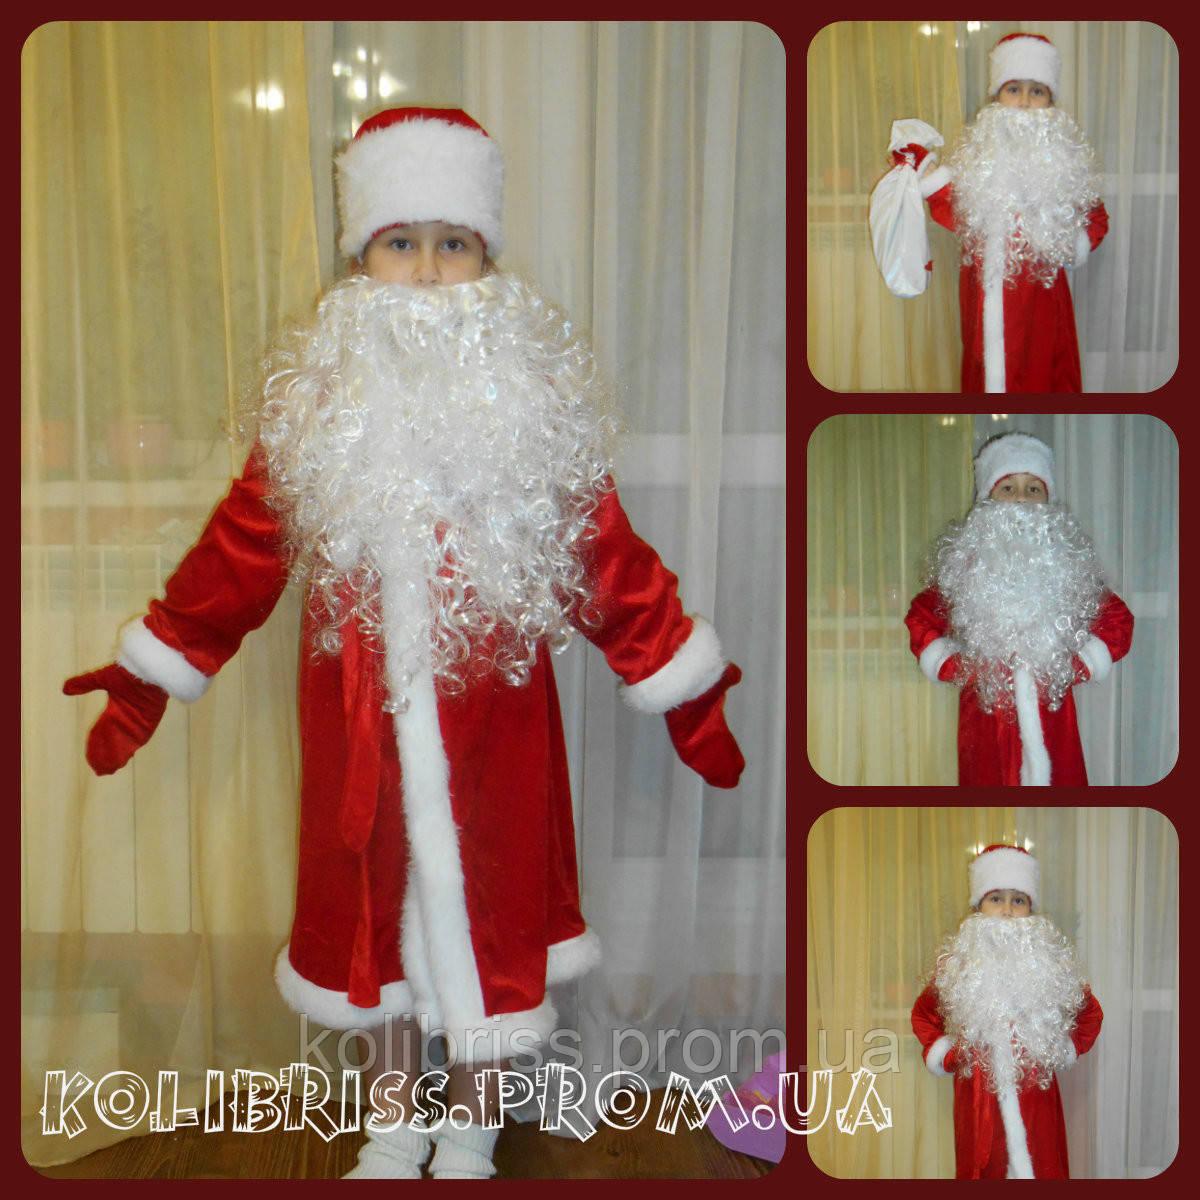 Детский костюм дед мороз , костюм деда Мороза прокат